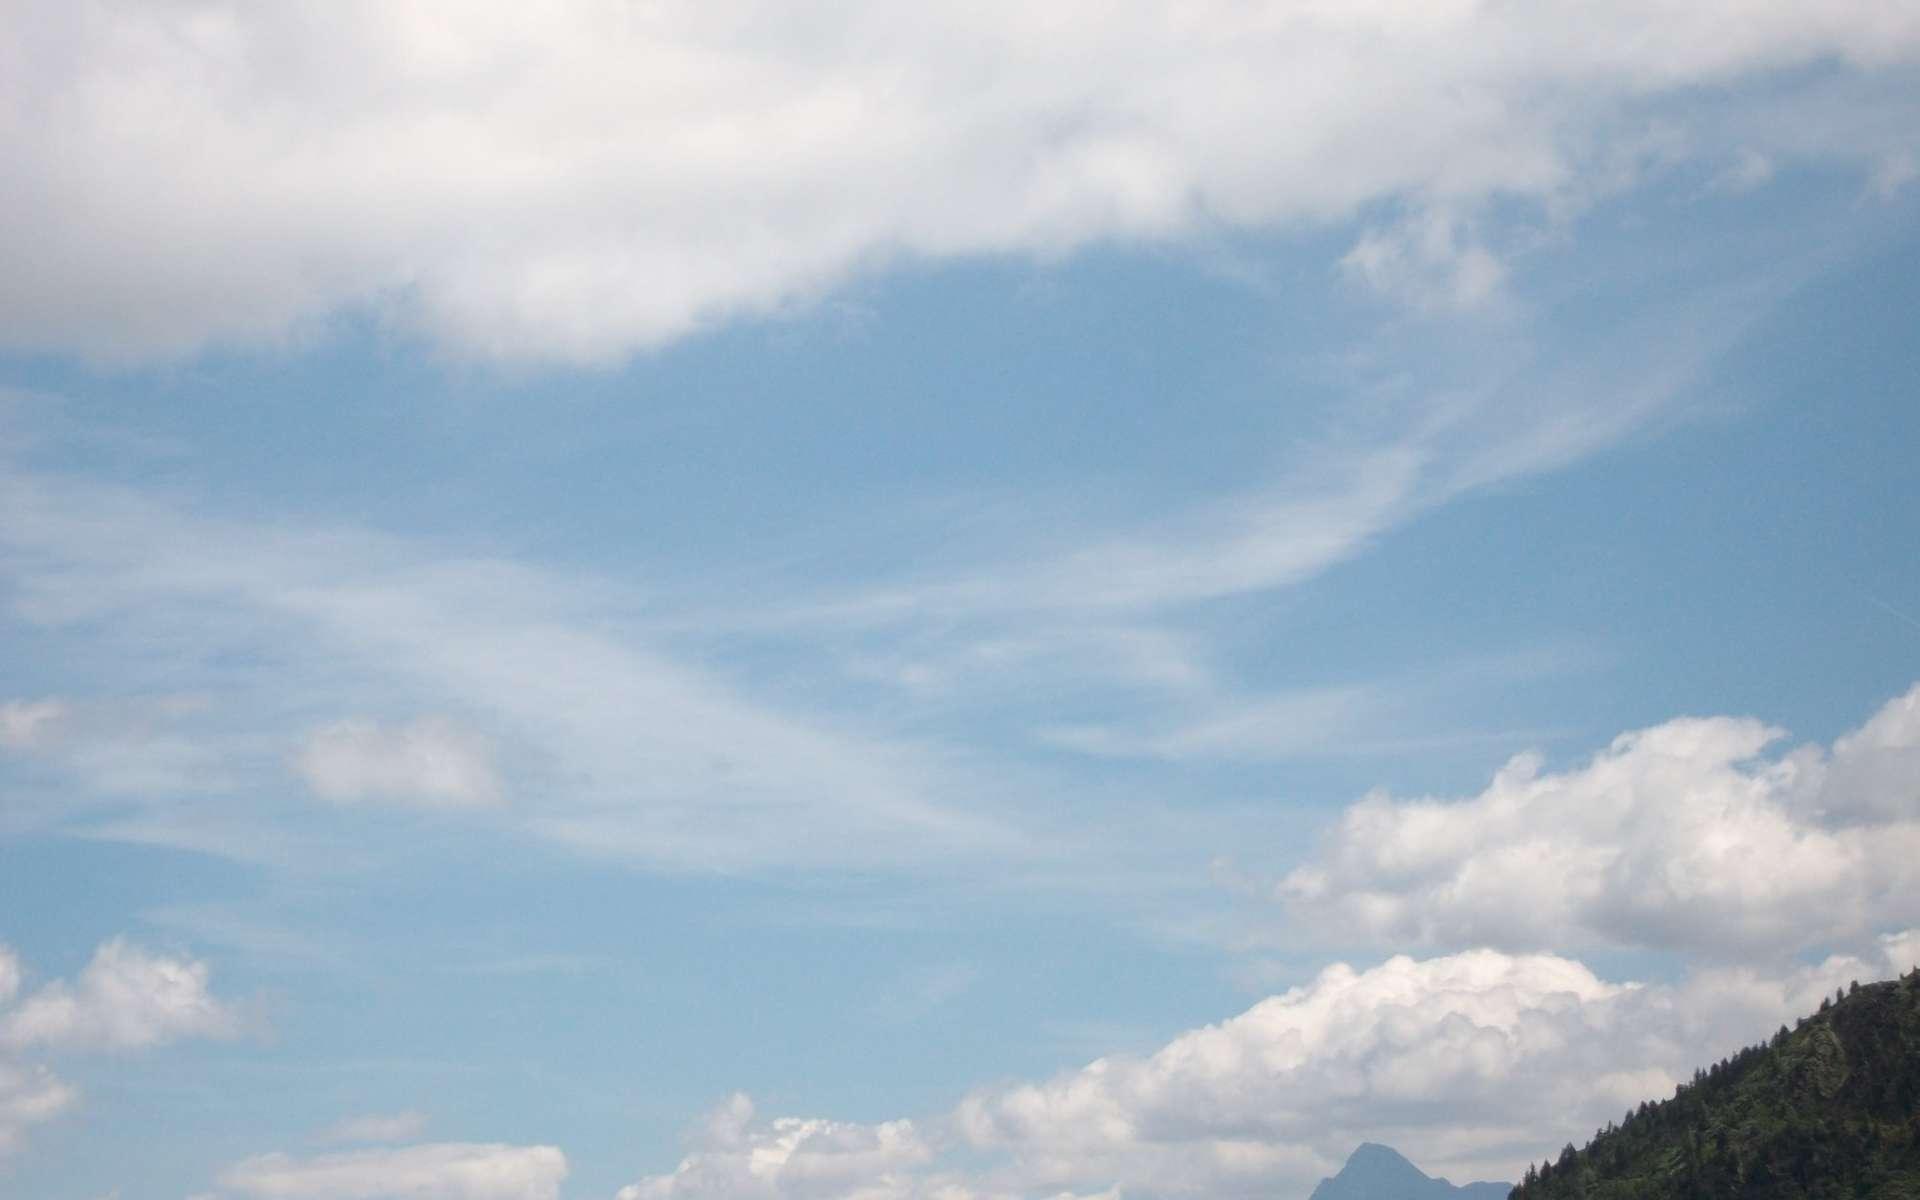 L'informatique en nuages a beaucoup d'avantages. Mais parfois les nuages disparaissent. © Lucienne Goudet